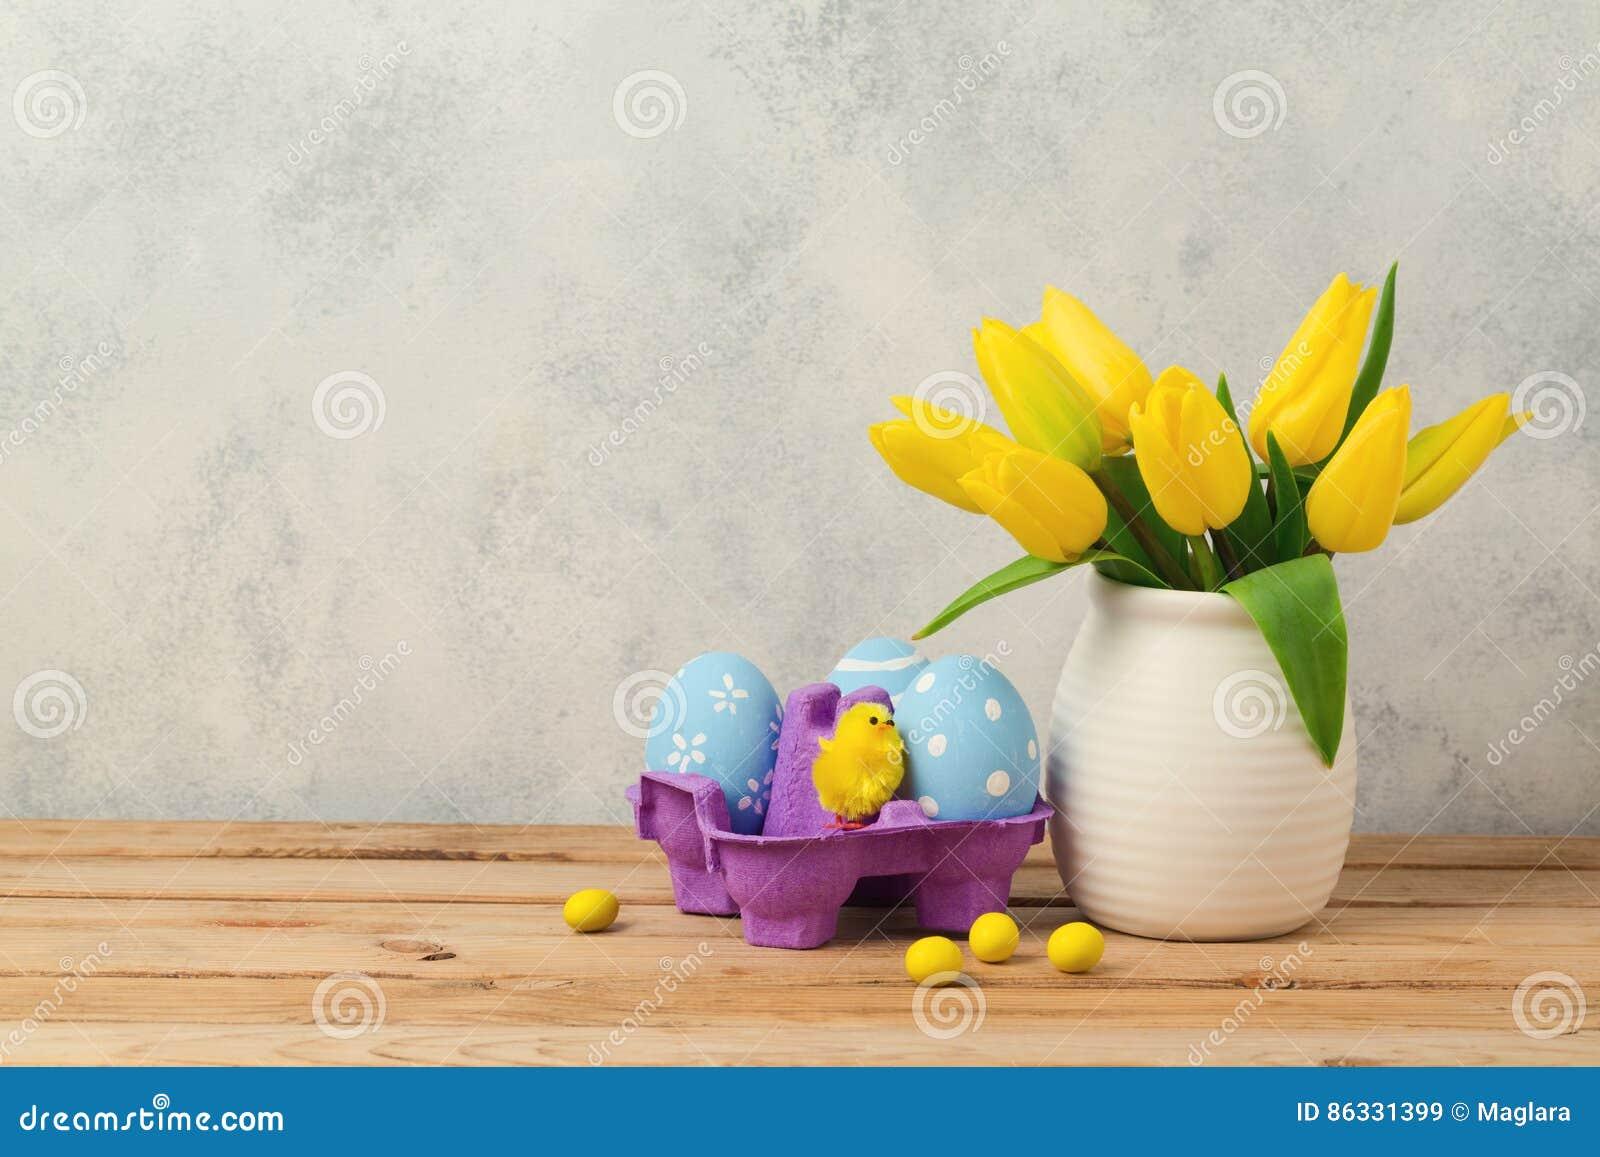 Concetto di festa di Pasqua con i fiori e le uova del tulipano sulla tavola di legno